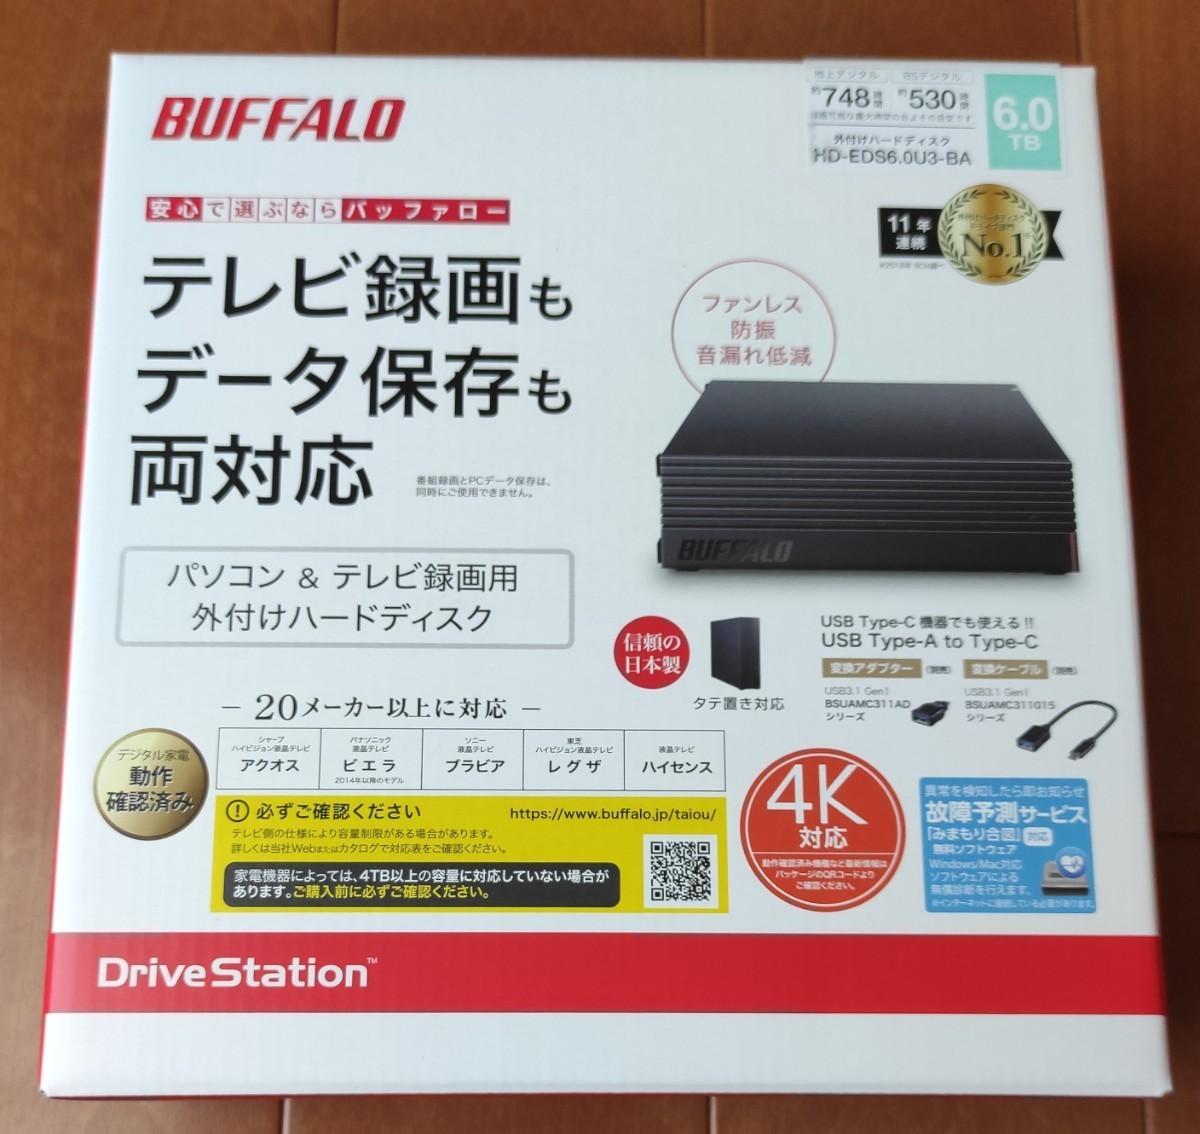 新品未開封品 6TB 外付けハードディスク 外付けHDD BUFFALO